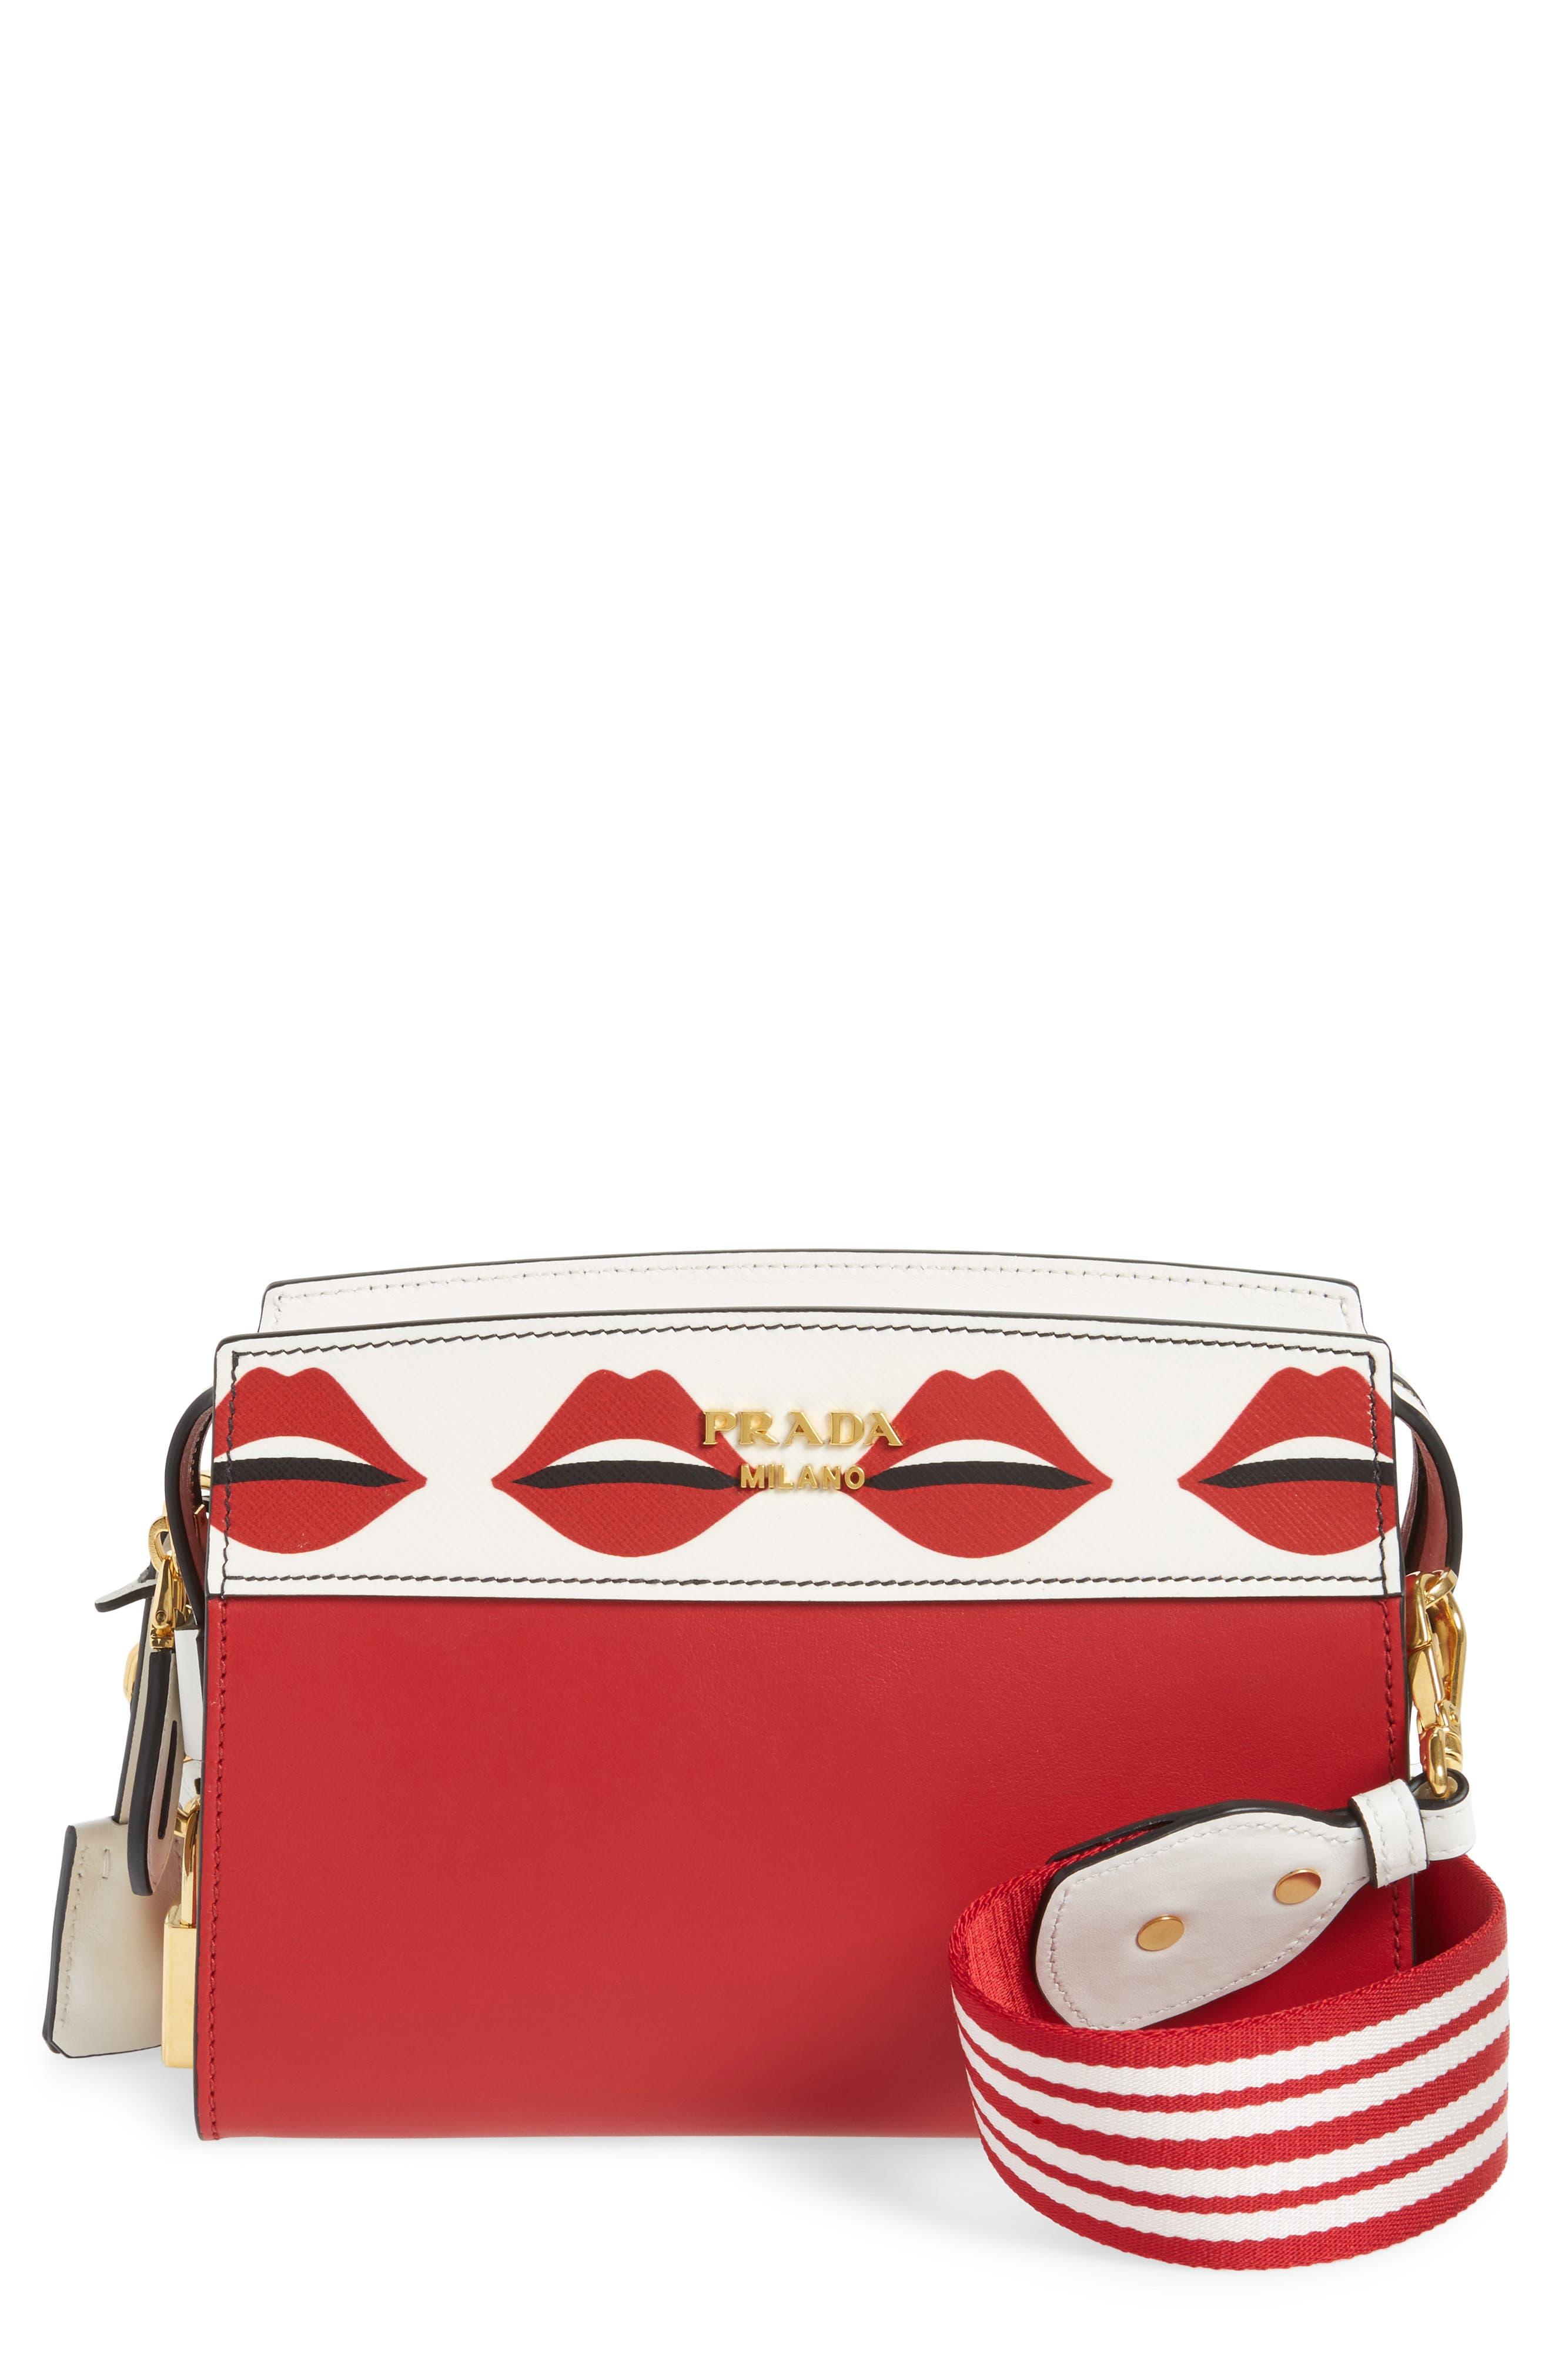 Esplanade Saffiano & City Calfskin Shoulder Bag,                         Main,                         color, Fuoco